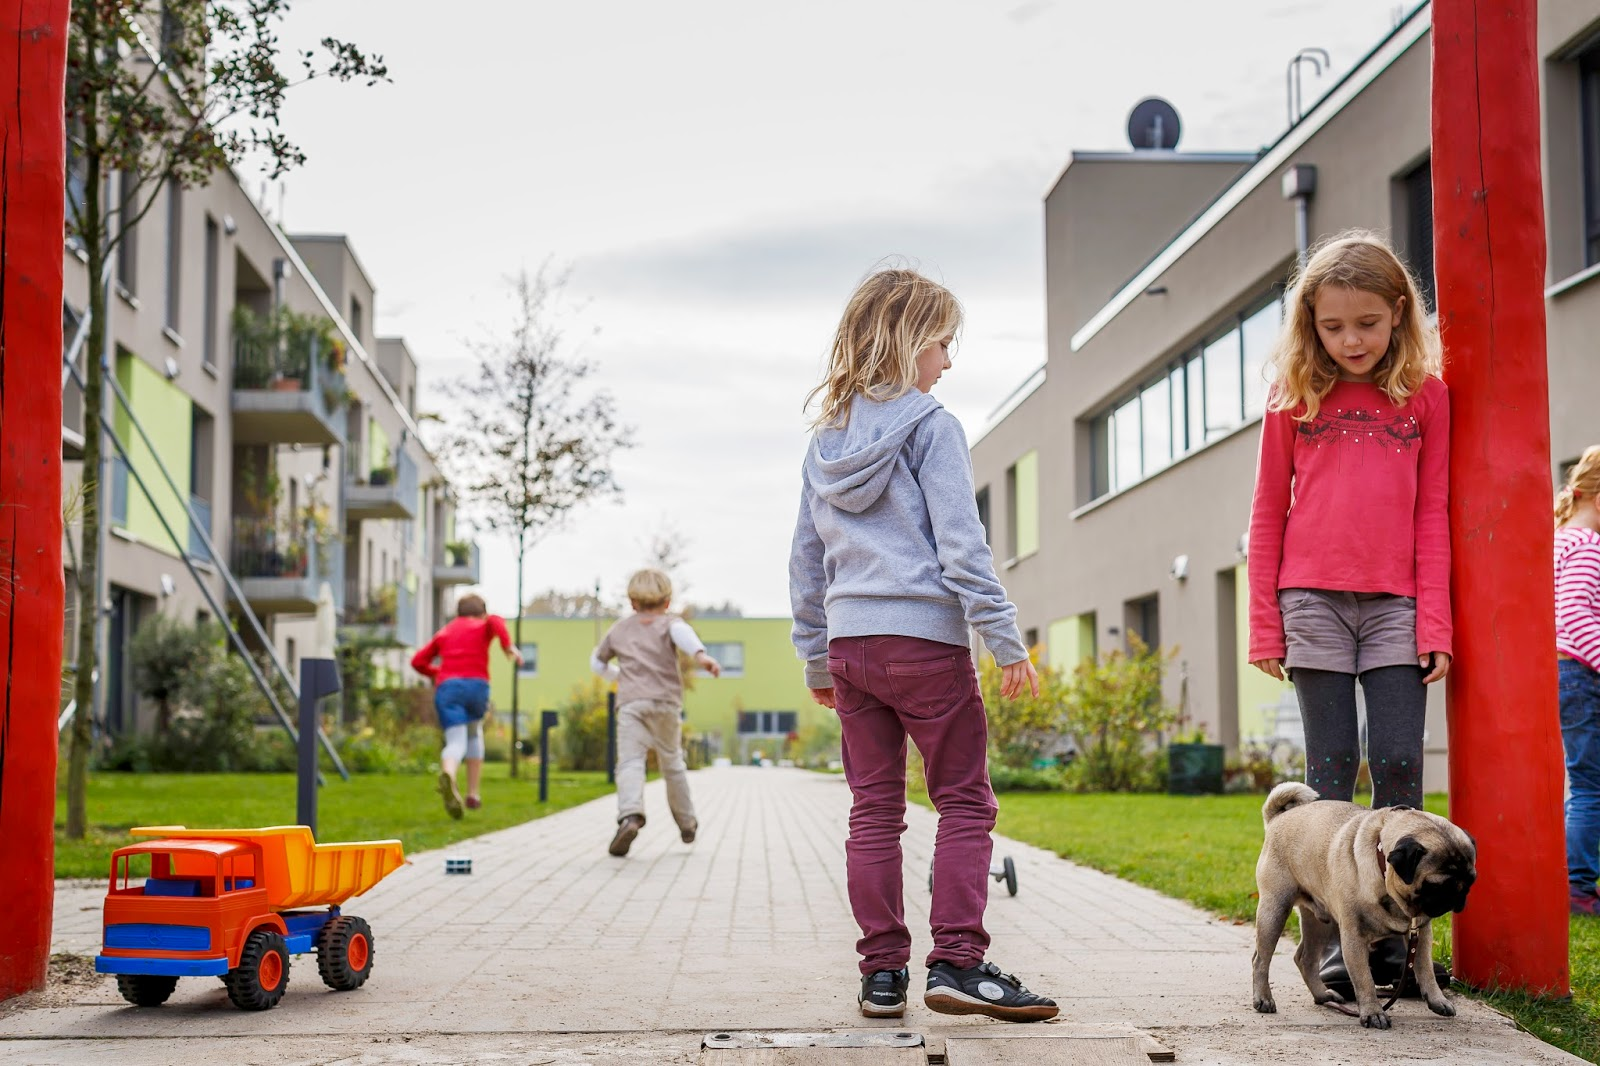 bea kallen d sseldorf verein wohnen mit kindern verwirklicht drittes bauprojekt in d sseldorf. Black Bedroom Furniture Sets. Home Design Ideas